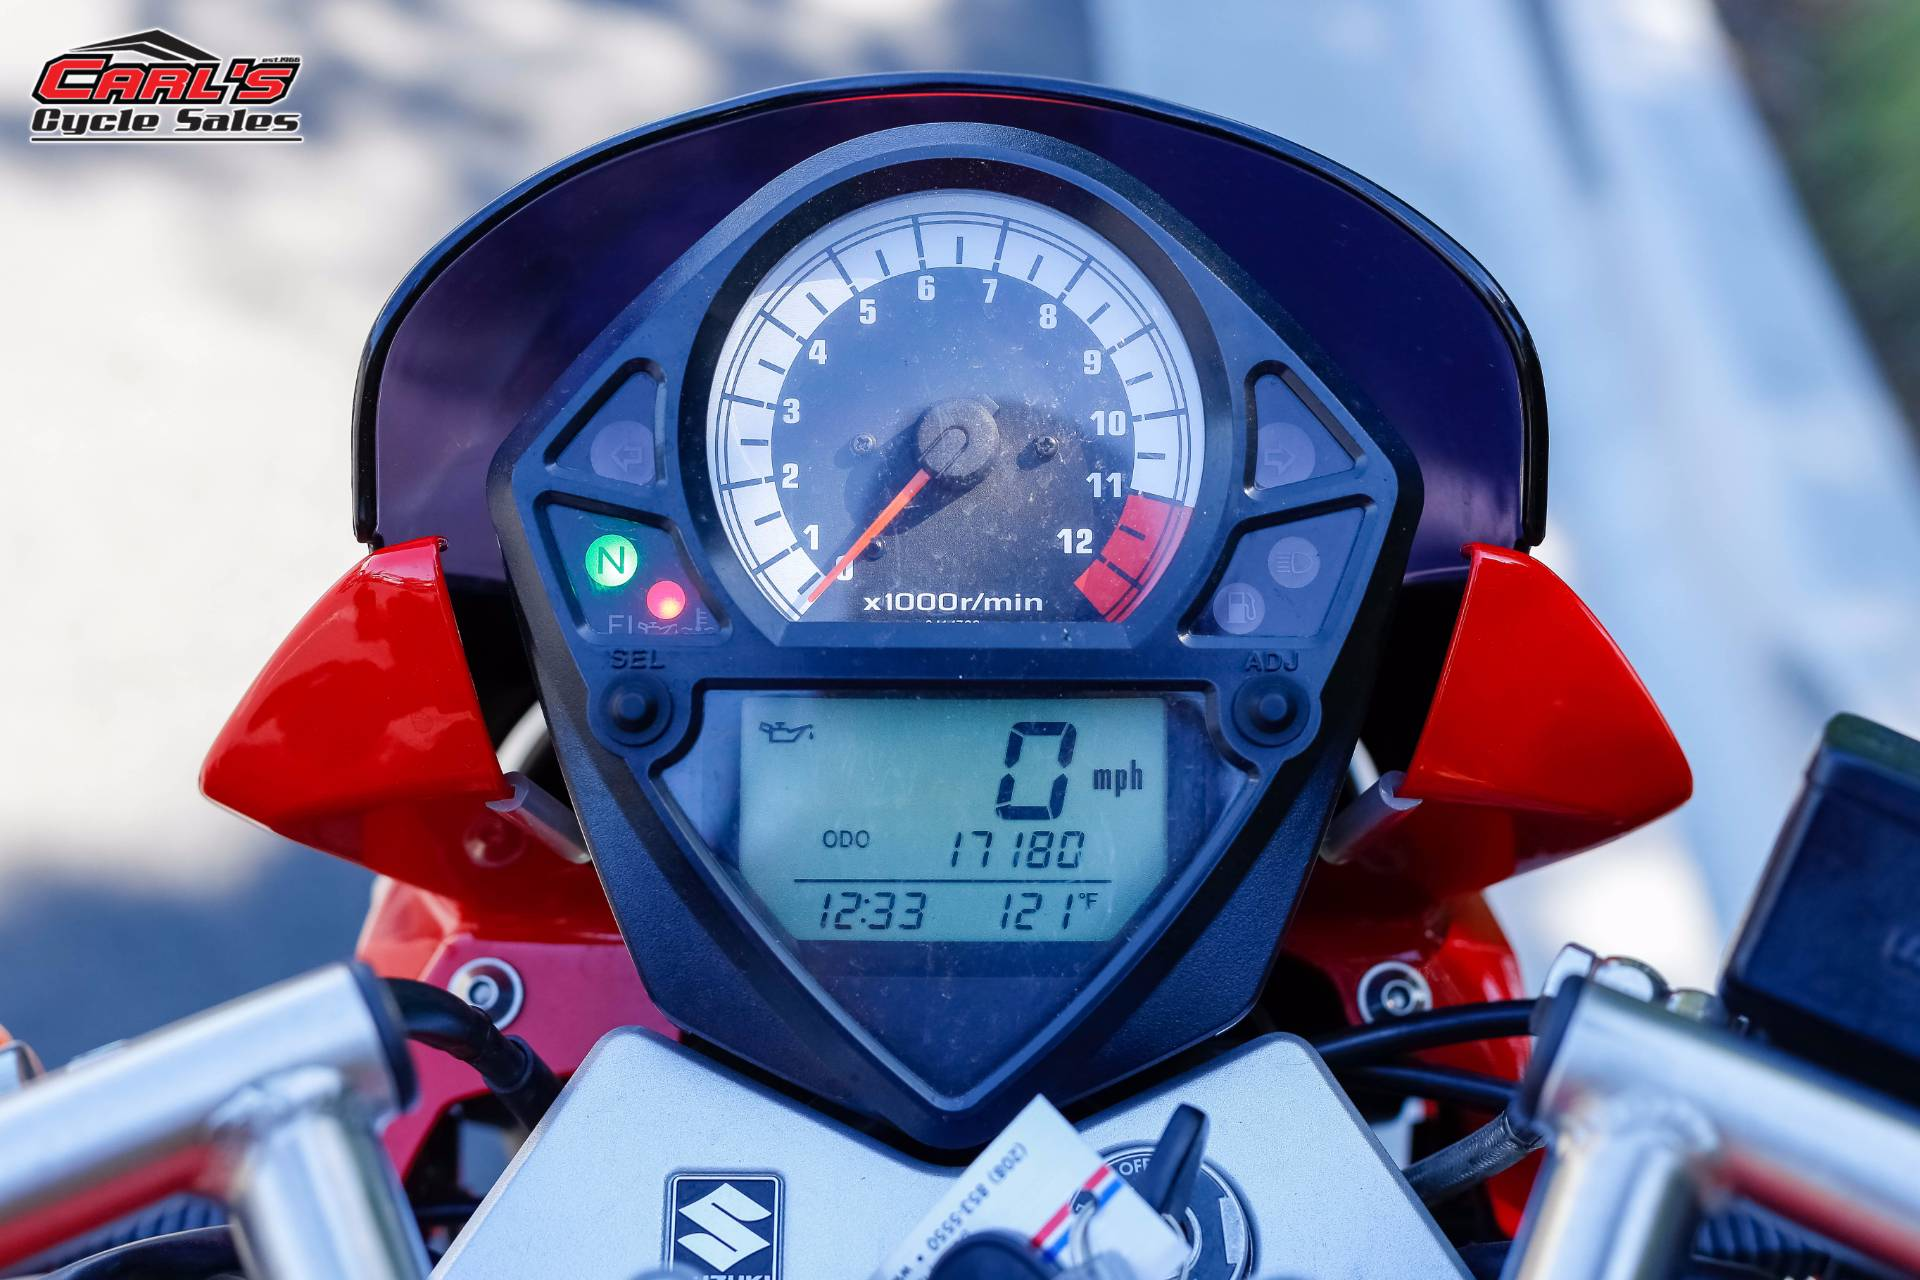 2006 Suzuki SV650 4